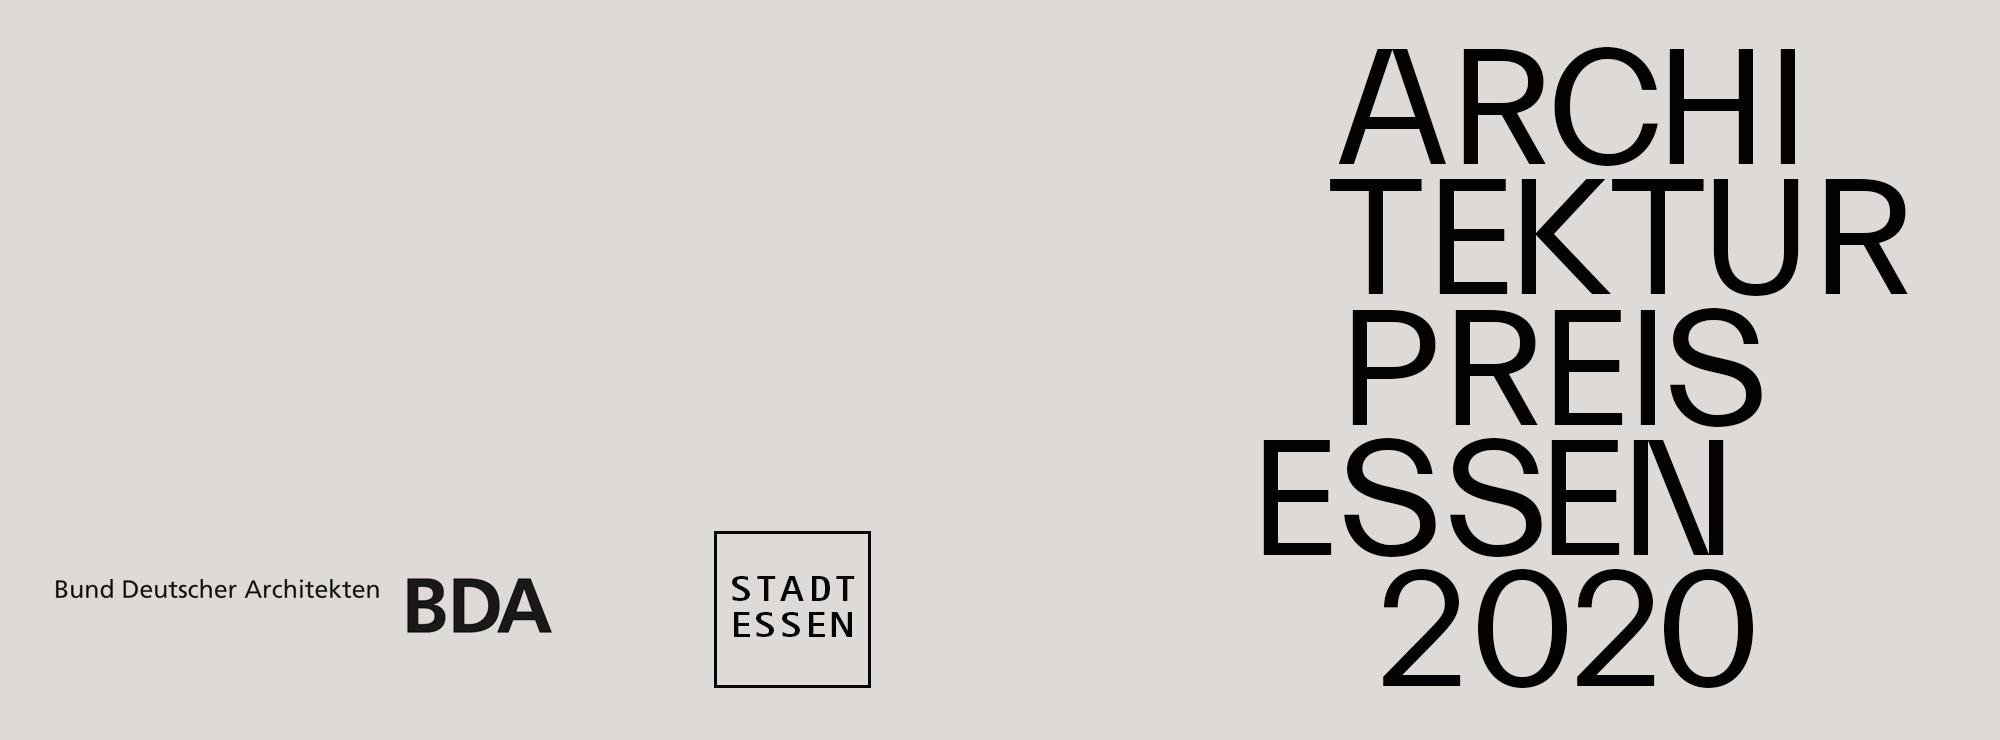 Architekturpreis Essen 2020_Publikumspreis_Pesch Partner